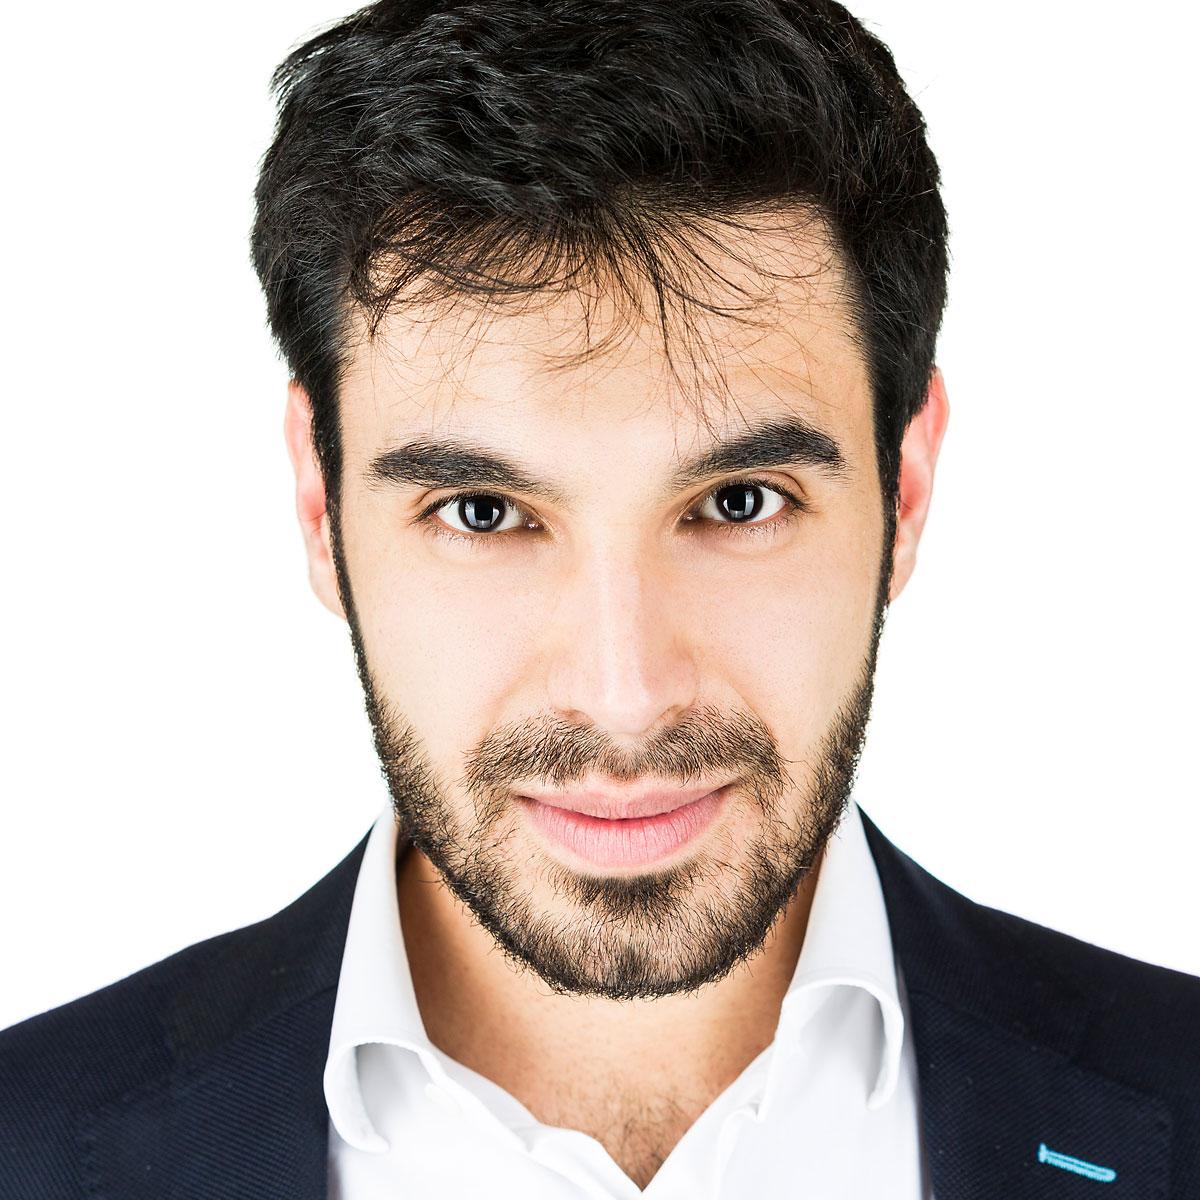 Emiliano Flisi è Business Coach e Life Coach presso Ekis: se stai cercando un mental coach sei nel posto giusto per scoprire come migliorare la concentrazione e come migliorare la propria vita.